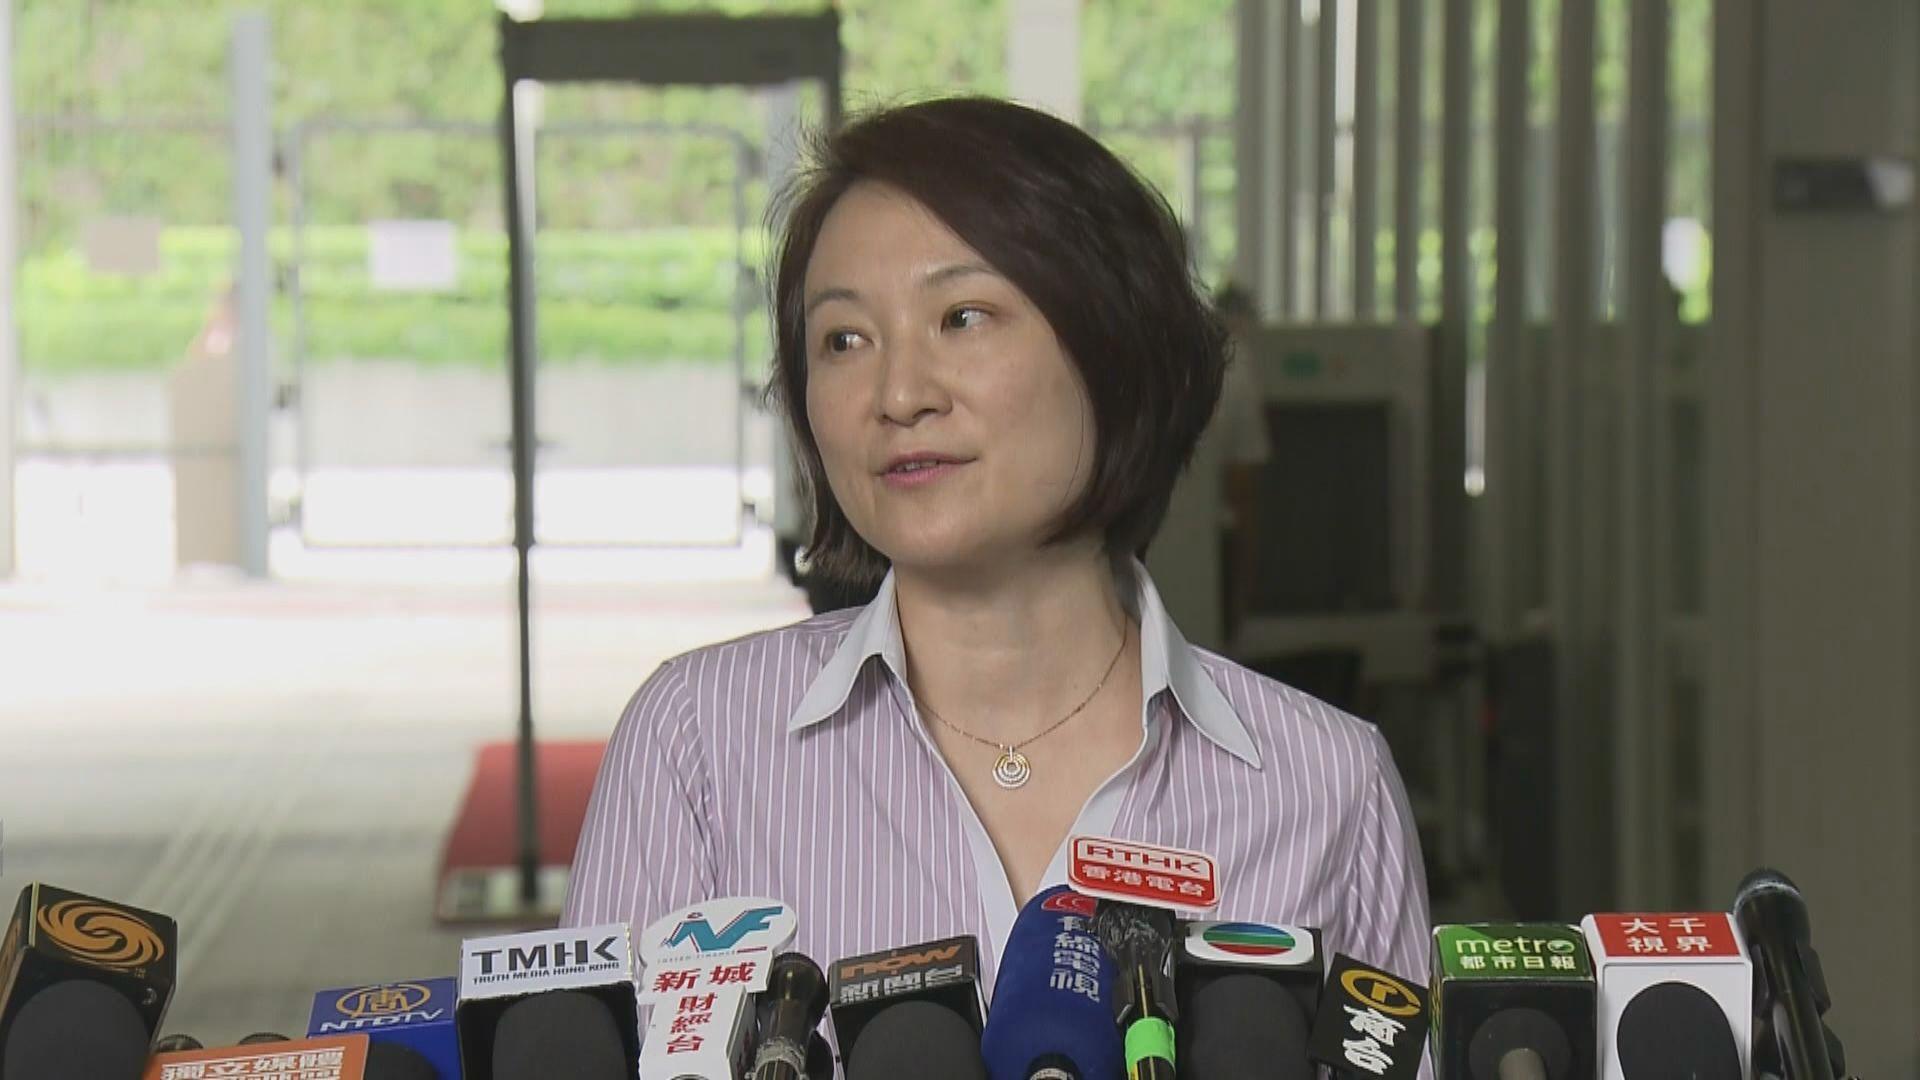 李慧琼:林鄭形容修例工作「死亡」可釋部分市民憂慮